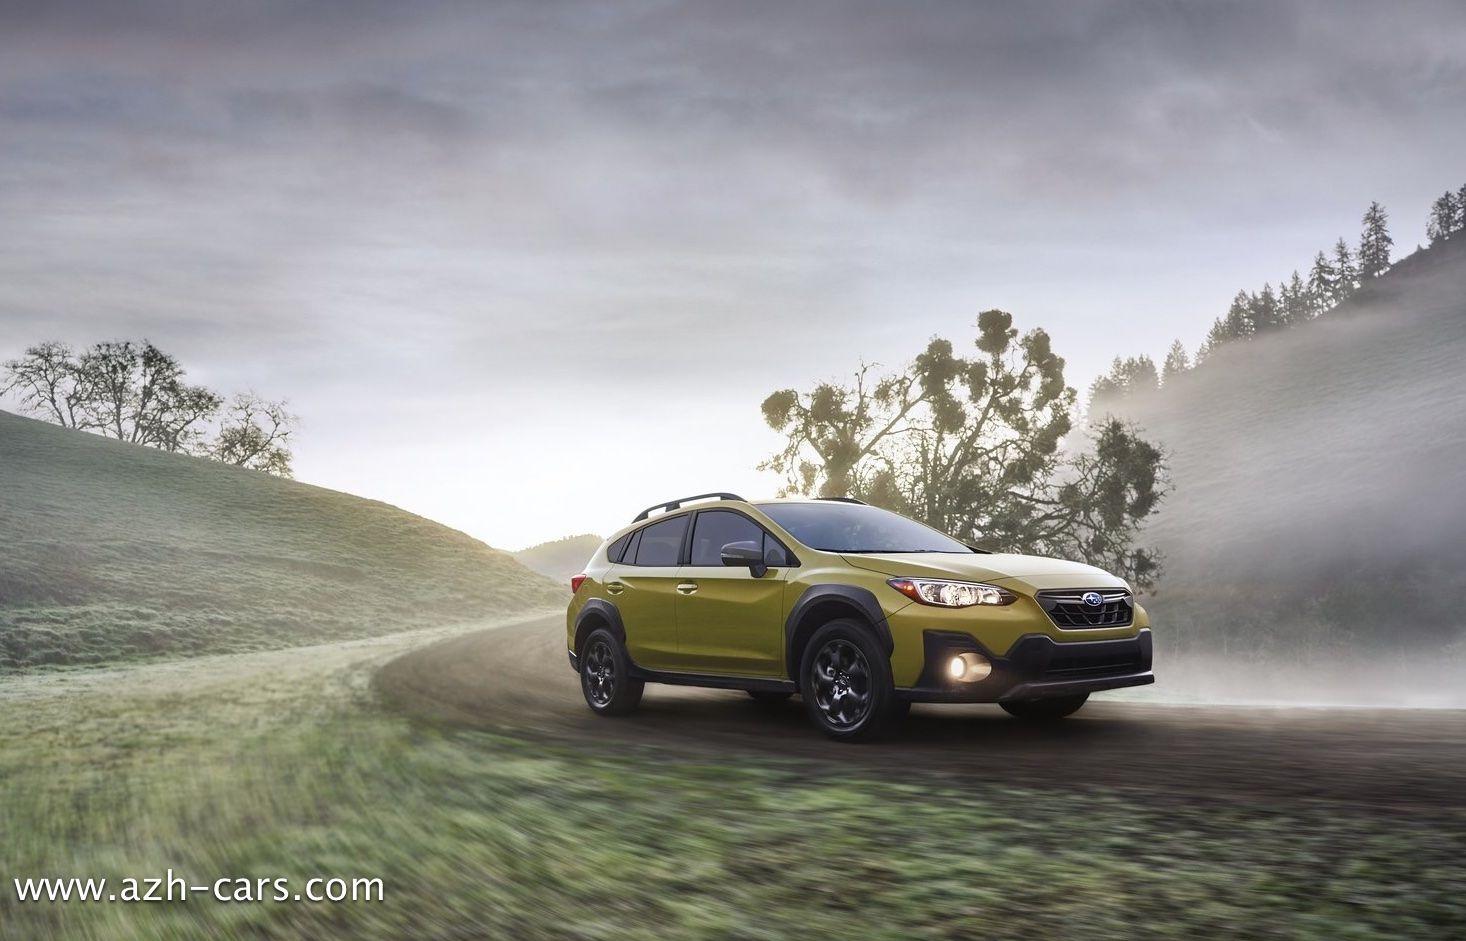 Subaru Crosstrek Review, Specs and Price 2021 in 2020